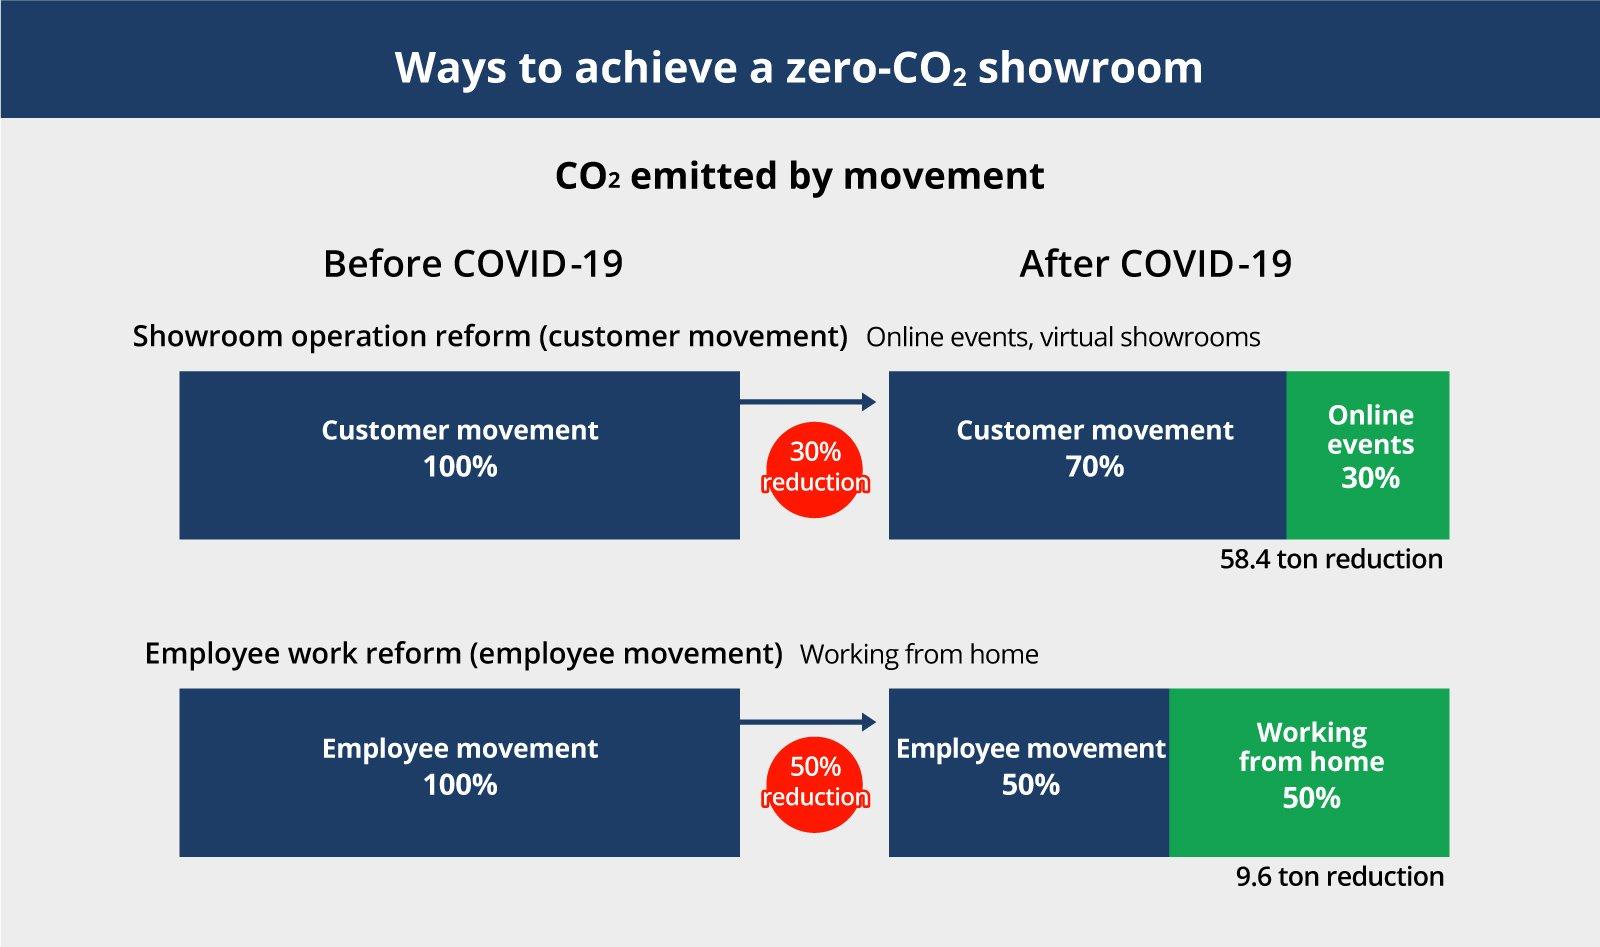 Ways to achieve a CO2 zero showroom